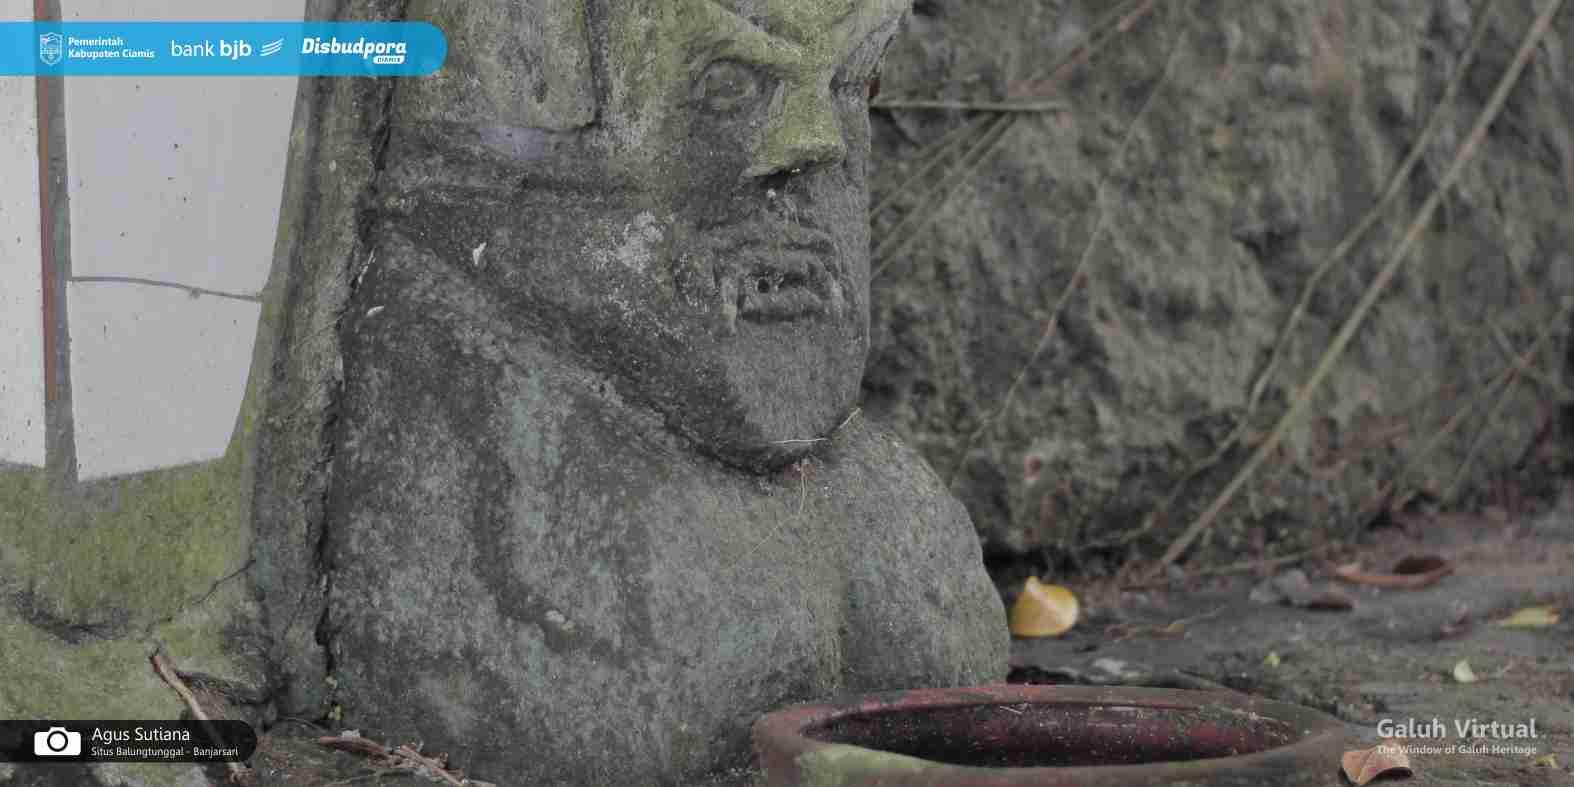 Situs Balungtunggal - Banjarsari